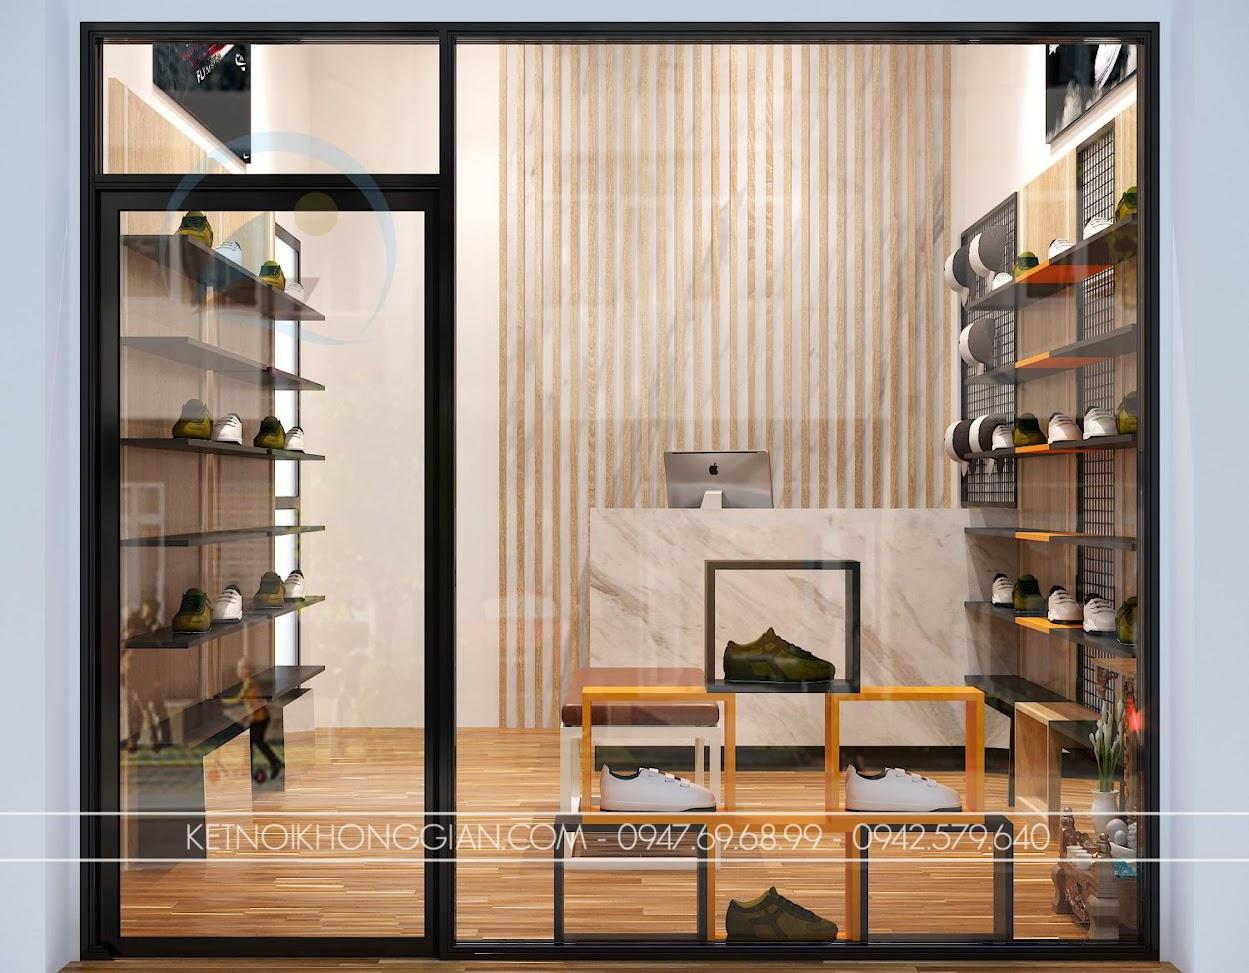 thiết kế shop giày dép nhỏ 16m2